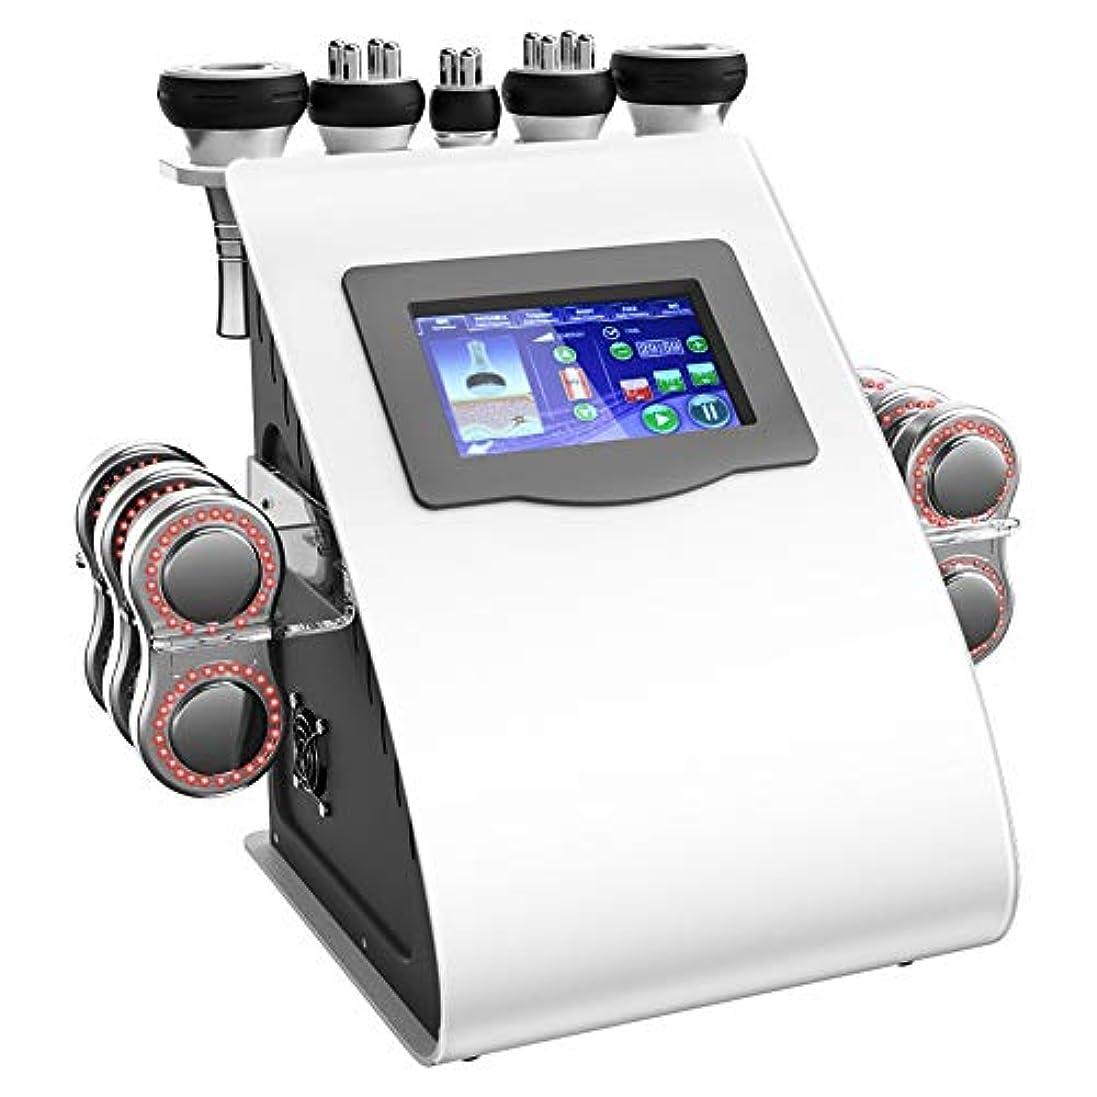 水陸両用冗長同級生5-in-1振動ボディ整形マッサージ機、40Kフルボディーロスロスマッサージャー多極ブラスト脂肪計器フェイシャルスキンリフティングタイトング美容機(5マッサージヘッド)CE、FDA承認(110?240V)